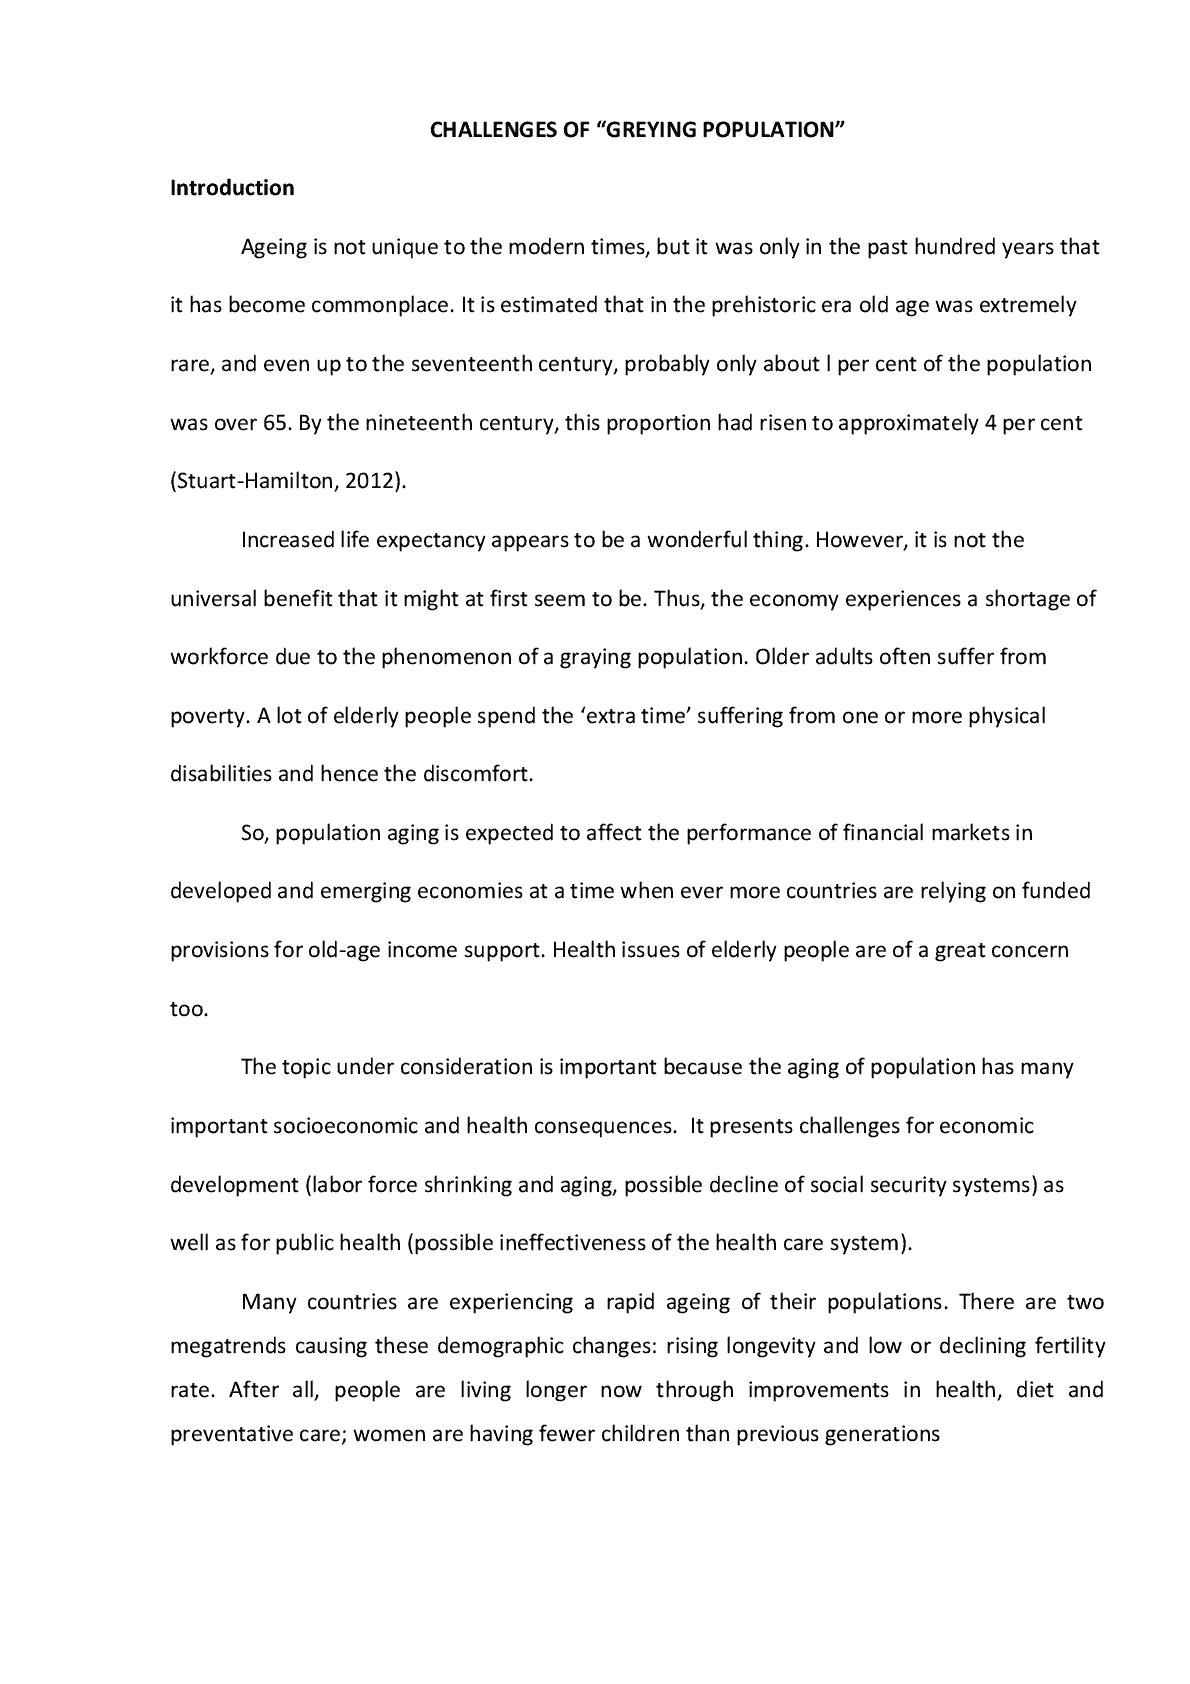 Как правильно написать сочинение-описание | сочинения на все темы